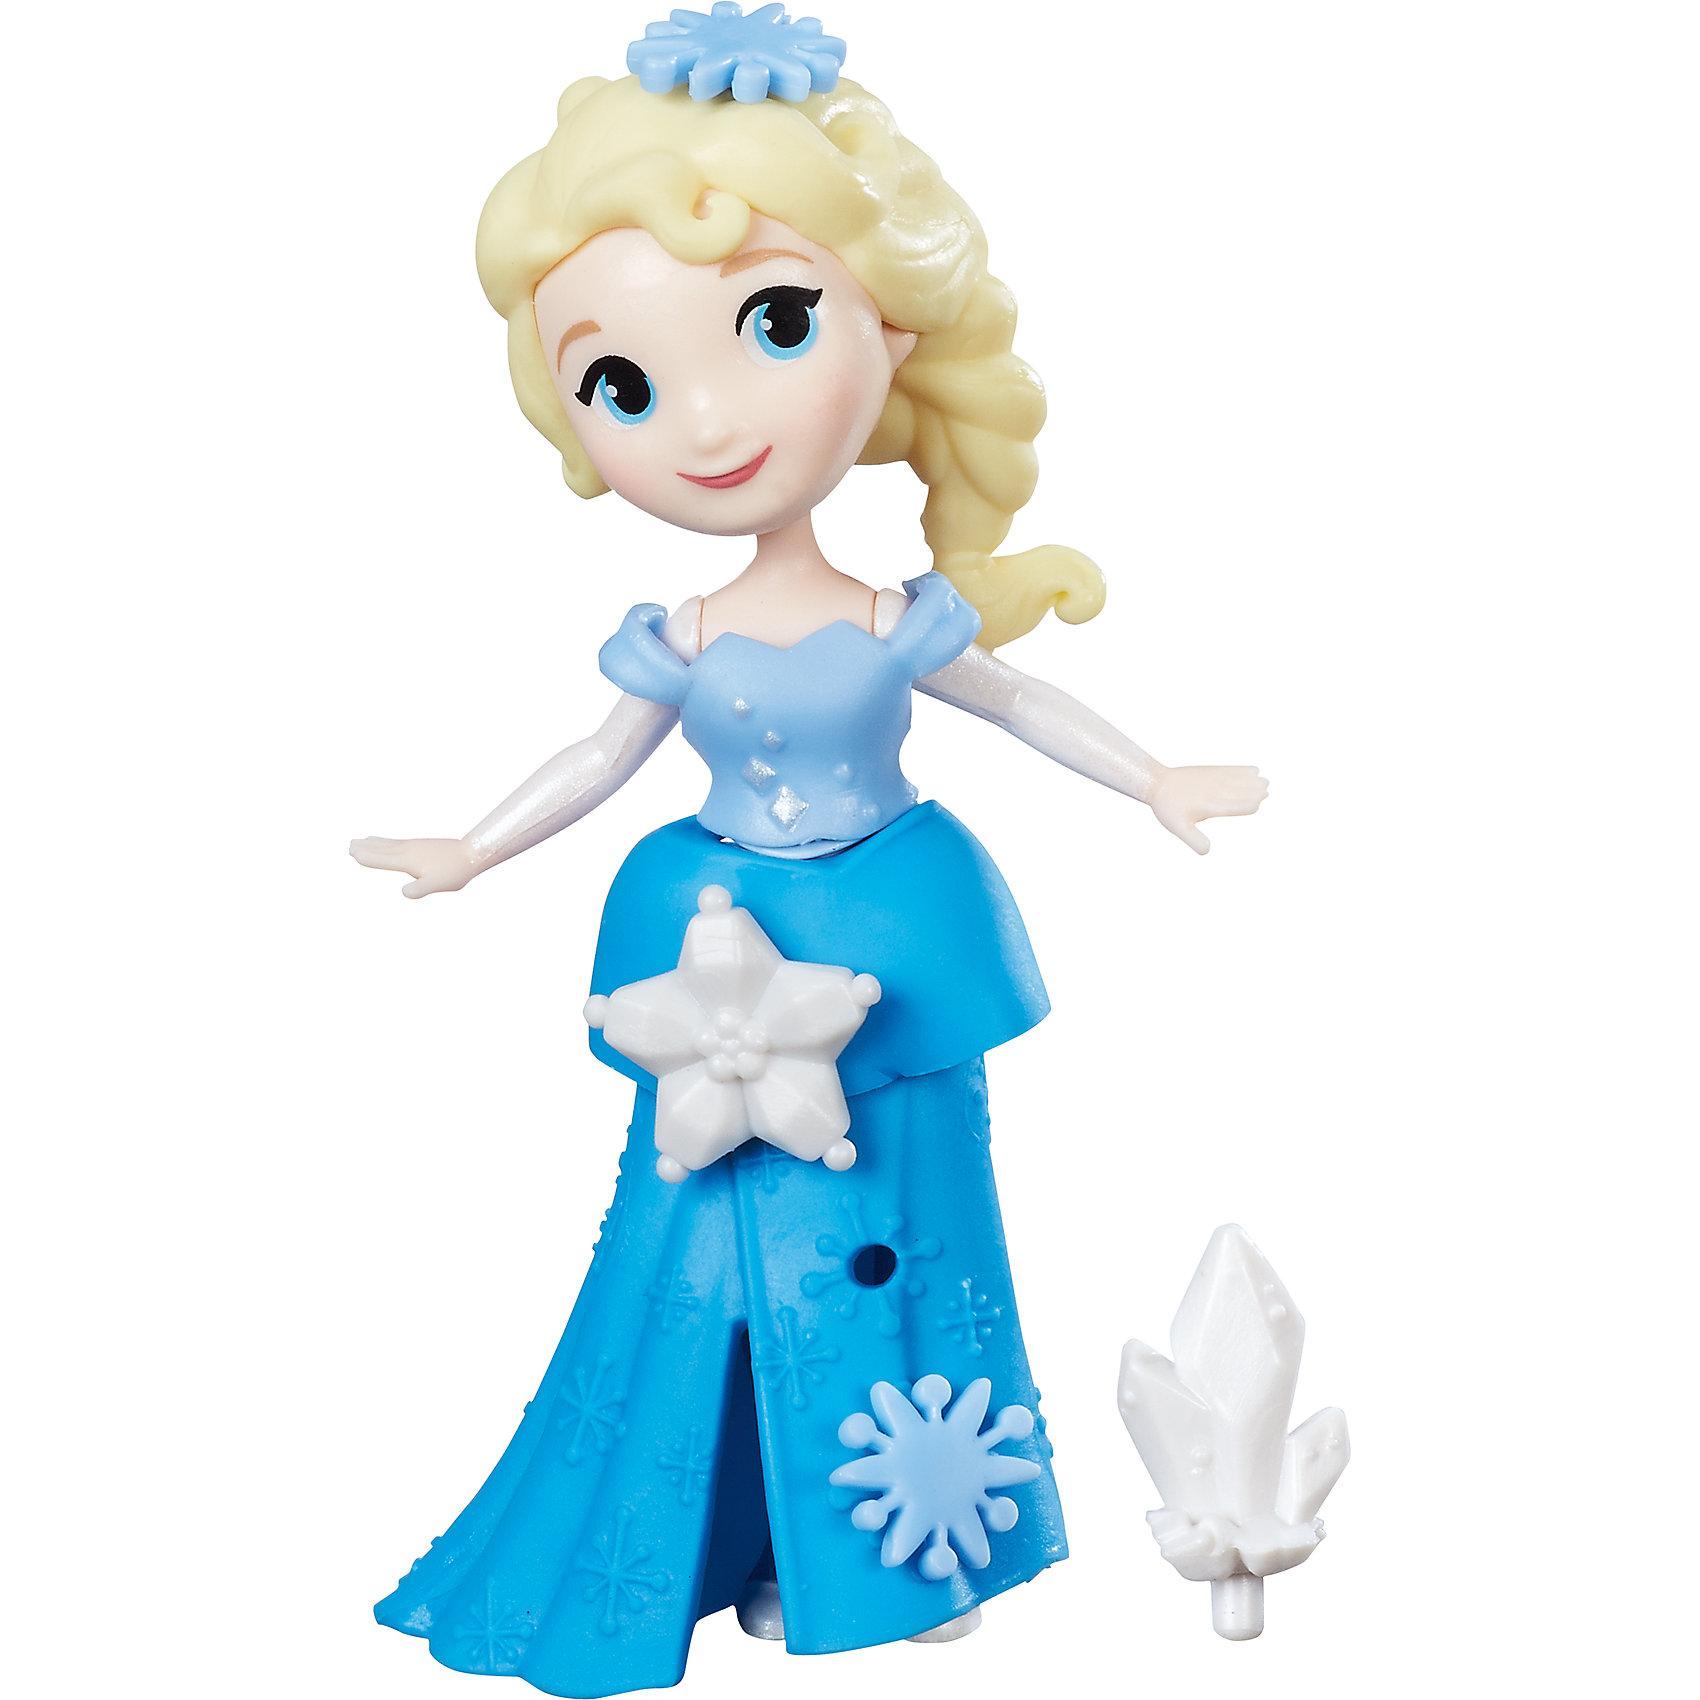 Маленькая кукла Анна, Холодное сердцеИгрушки<br>Характеристики маленькой куклы Холодное сердце:<br><br>- возраст: от 3 лет<br>- герой: холодное сердце / Frozen<br>- пол: для девочек<br>- комплект: мини-куклы Анна и Эльза, фигурка снеговика Олафа.<br>- материал: высококачественный пластик.<br>- размер упаковки: 25 * 16.5 * 5.5 см.<br>- высота мини-кукол: 9 см.<br>- высота фигурки снеговика:4 см.<br>- упаковка: картонная коробка блистерного типа.<br>- страна обладатель бренда: США.<br><br>Героини Disney Princess Холодного сердца понравится юной поклоннице диснеевского анимационного фильма. Игровой набор состоит из двух маленьких кукол — Эльзы и Анны, а также множества различных фигурок и аксессуаров. Пышные платья героинь можно декорировать, в наборе имеются различные украшения. Набор предназначен для увлекательной сюжетно-ролевой игры: маленькая поклонница Холодного сердца  сможет воспроизвести любимые сценки из мультфильма или придумать собственный сюжет, полный приключений.<br><br>Набор маленьких кукол Холодное сердце торговой марки Hasbro (Хасбо) можно купить в нашем интернет-магазине.<br><br>Ширина мм: 97<br>Глубина мм: 38<br>Высота мм: 325<br>Вес г: 59<br>Возраст от месяцев: 36<br>Возраст до месяцев: 72<br>Пол: Женский<br>Возраст: Детский<br>SKU: 5064767